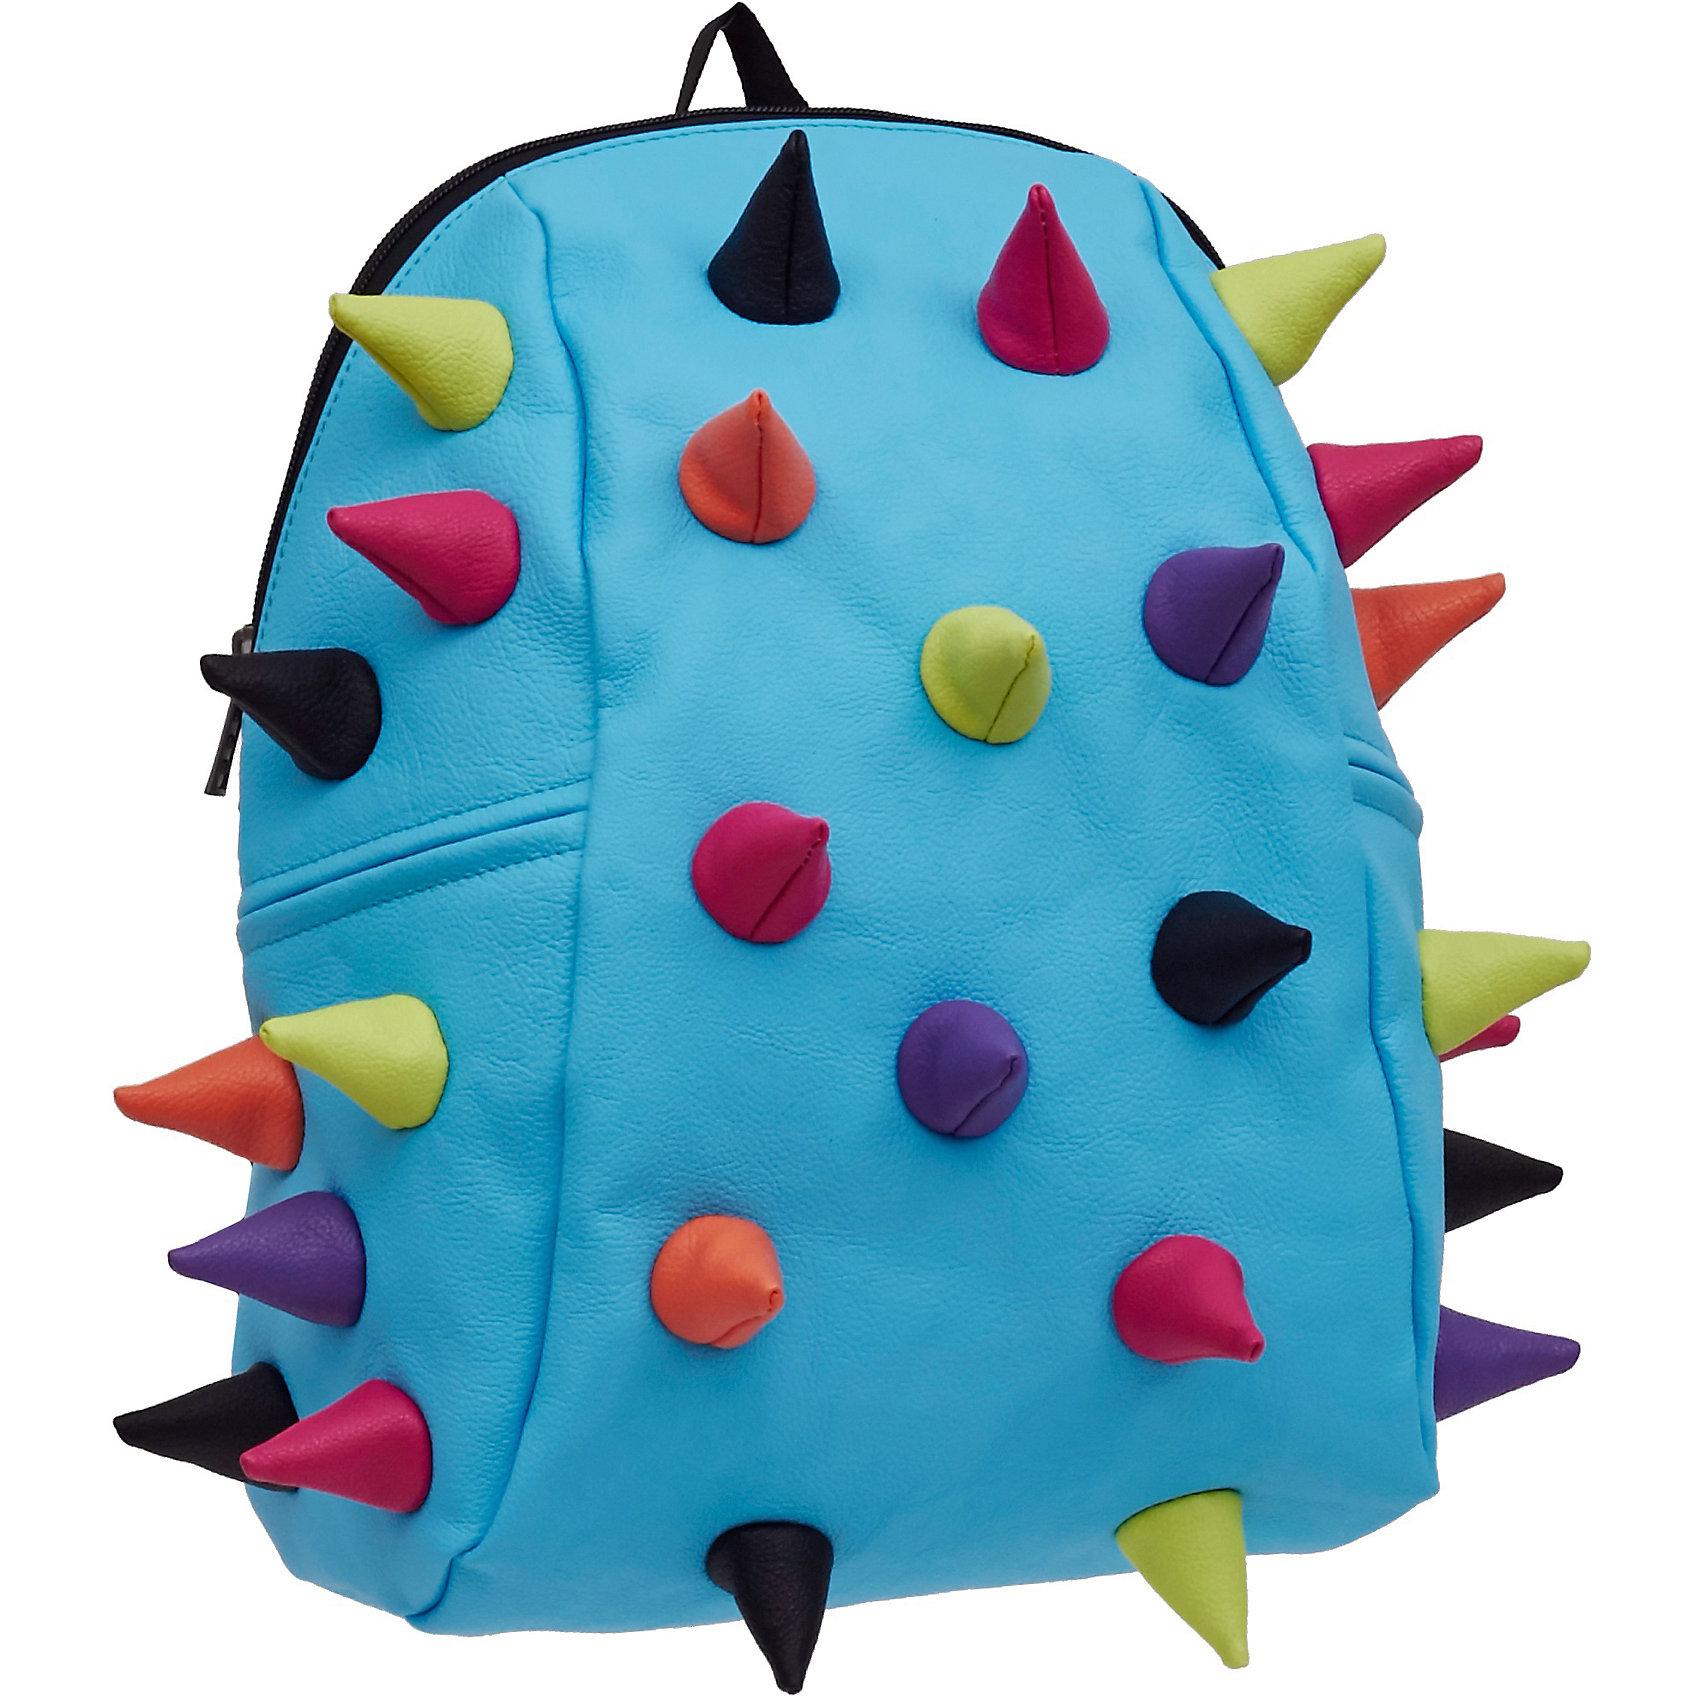 Рюкзак Rex 2 Half Whirpool, цвет голубой мультиРюкзаки<br>Легкий и вместительный рюкзак с одним основным отделением с застежкой на молниии. В основное отделение с легкостью входит ноутбук  размером диагонали 13 дюймов, iPad и формат А4. Незаменимый аксессуар как для активного городского жителя, так и для школьников и студентов. Широкие лямки можно регулировать для наиболее удобной посадки, а мягкая ортопедическая спинка делает ношение наиболее удобным и комфортным.<br><br>Ширина мм: 36<br>Глубина мм: 31<br>Высота мм: 15<br>Вес г: 600<br>Возраст от месяцев: 84<br>Возраст до месяцев: 420<br>Пол: Унисекс<br>Возраст: Детский<br>SKU: 5344326